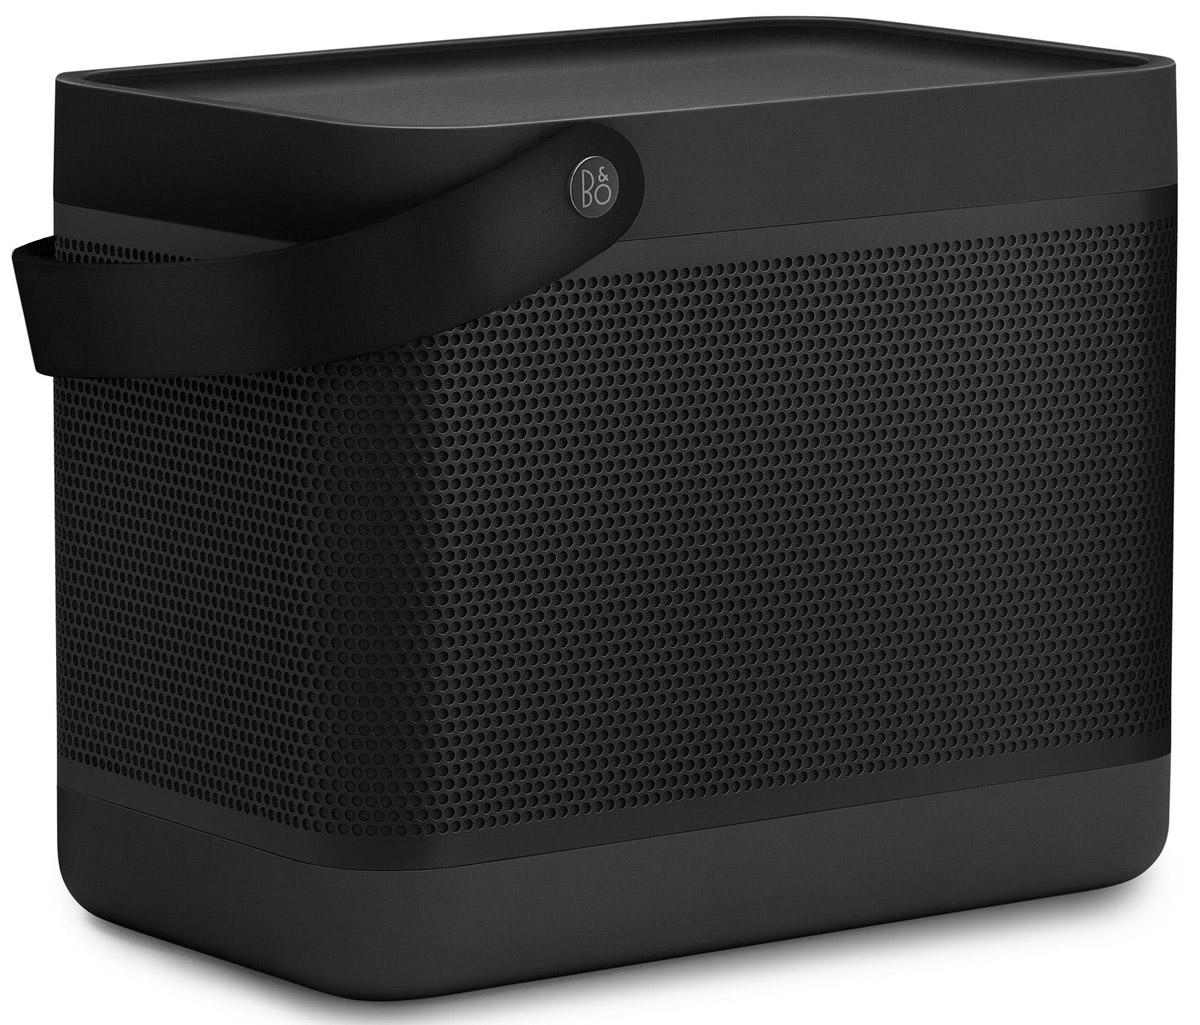 Bang & Olufsen Beolit 15, Black портативная акустическая система1287626Bang & Olufsen Beolit 15 - это современная компактная аудиосистема c безупречным дизайном в лучших традициях B&O. Она сочетает в себе максимальную производительность, надежность и функциональность.Инновационная технология передачи звука True360 позволяет использовать её дома в офисе и даже на открытом воздухе, звука будет достаточно благодаря 240 ваттам пиковой мощности. Емкий аккумулятор на 18 Вт/ч позволит слушать музыку на протяжении 24 часов без подзарядки.Быстрое беспроводное подключение Bluetooth 4.0 гарантирует высокое качество передачи потокового аудио. Bang & Olufsen Beolit 15 запоминает до 8 пользователей и может быть подключена к 2-м устройствам одновременно, тем самым на вечеринке вы сможете устроить ди-джей баттл с друзьями. Так же имеется USB-порт, который можно использовать для зарядки мобильных устройств.Мощность усилителей: 2 x 35 ВтЕмкость аккумулятора: 2200 мАч